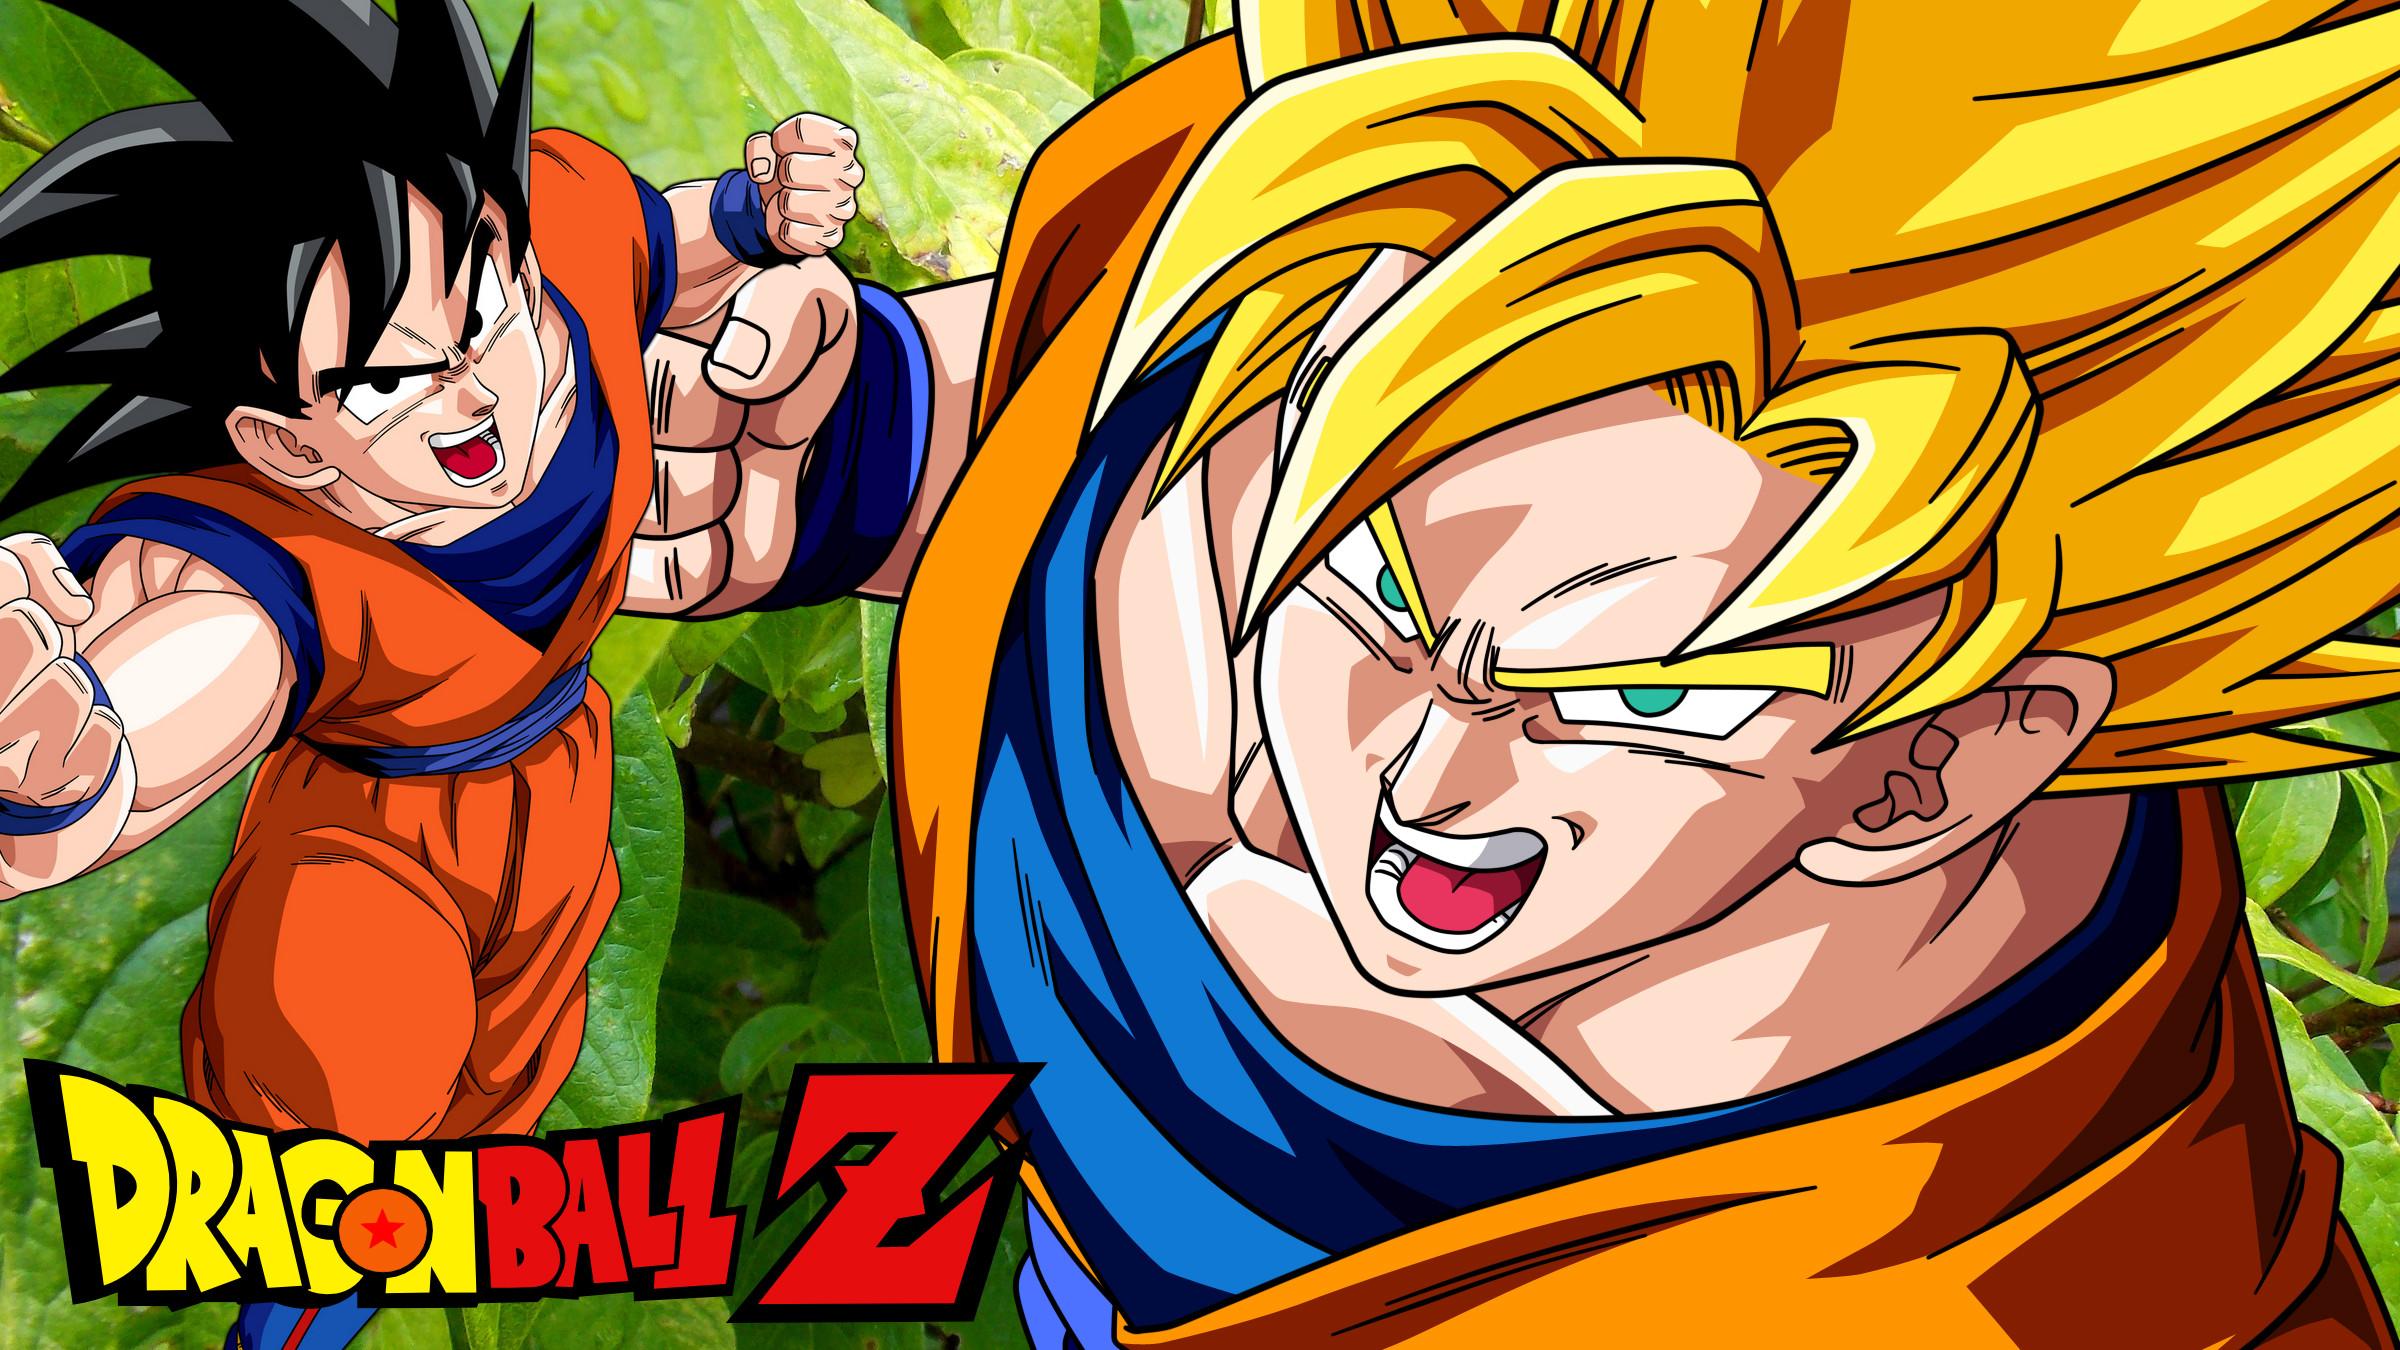 Dragon Ball Anime Barbaras Hd Wallpapers